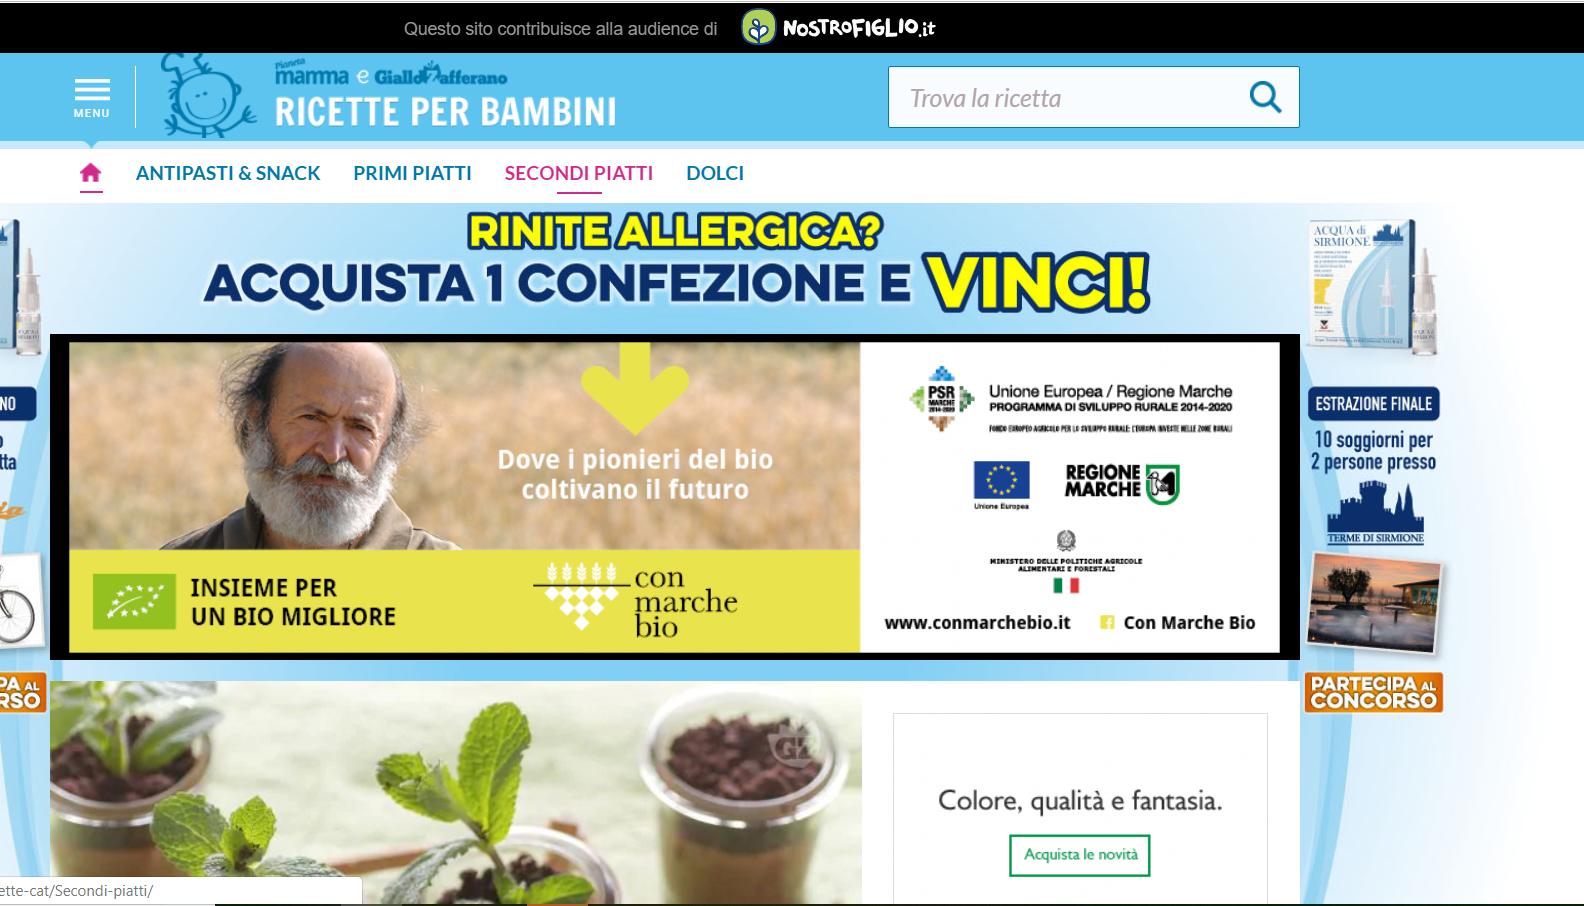 Mondadori, pianetamamma.it 2019